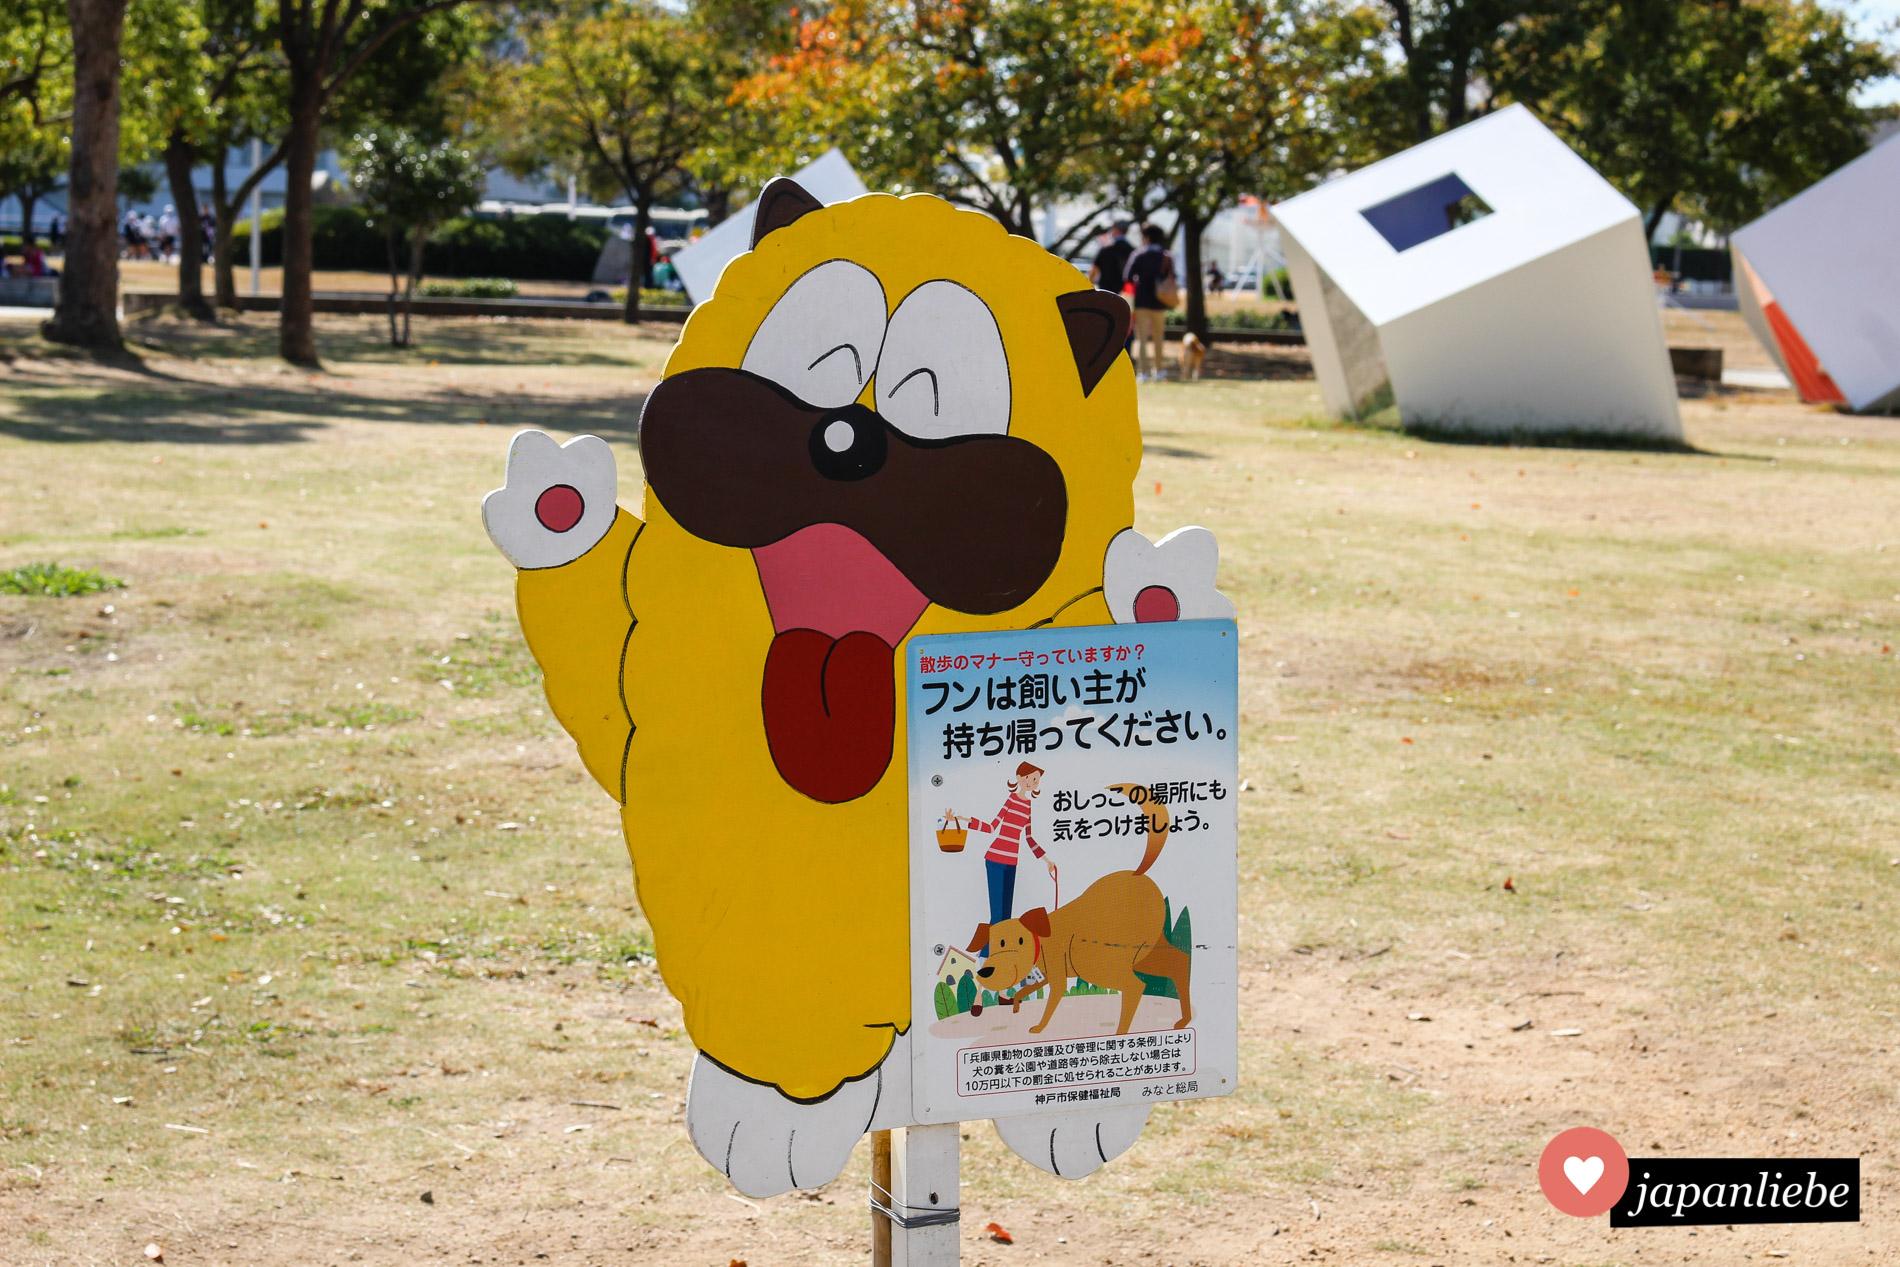 Dieses Schild in Kobe bittet um den Verantwortungsvollen Umgang mit sämtlichen Ausscheidungen der vierbeinigen Parkbesucher.